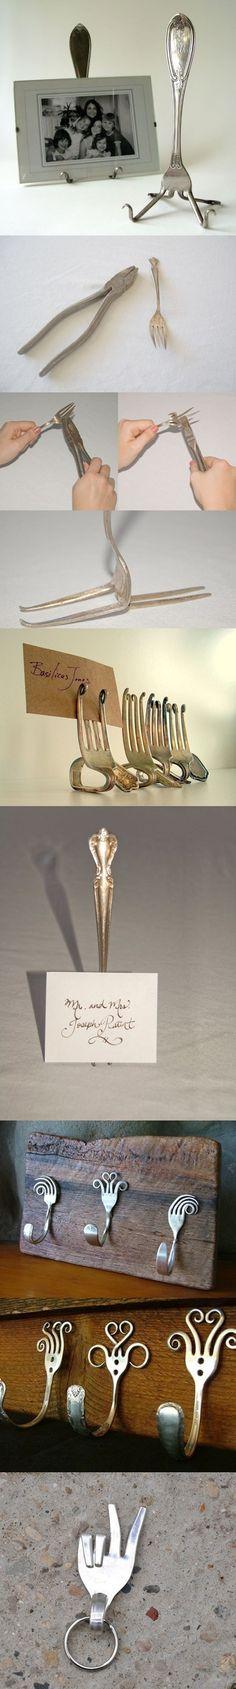 Fork Art! Recipe card holder...